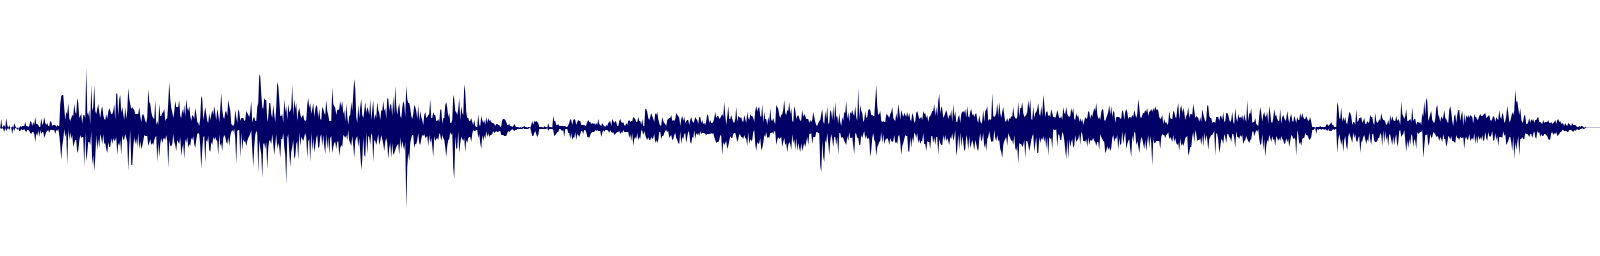 waveform of track #127434